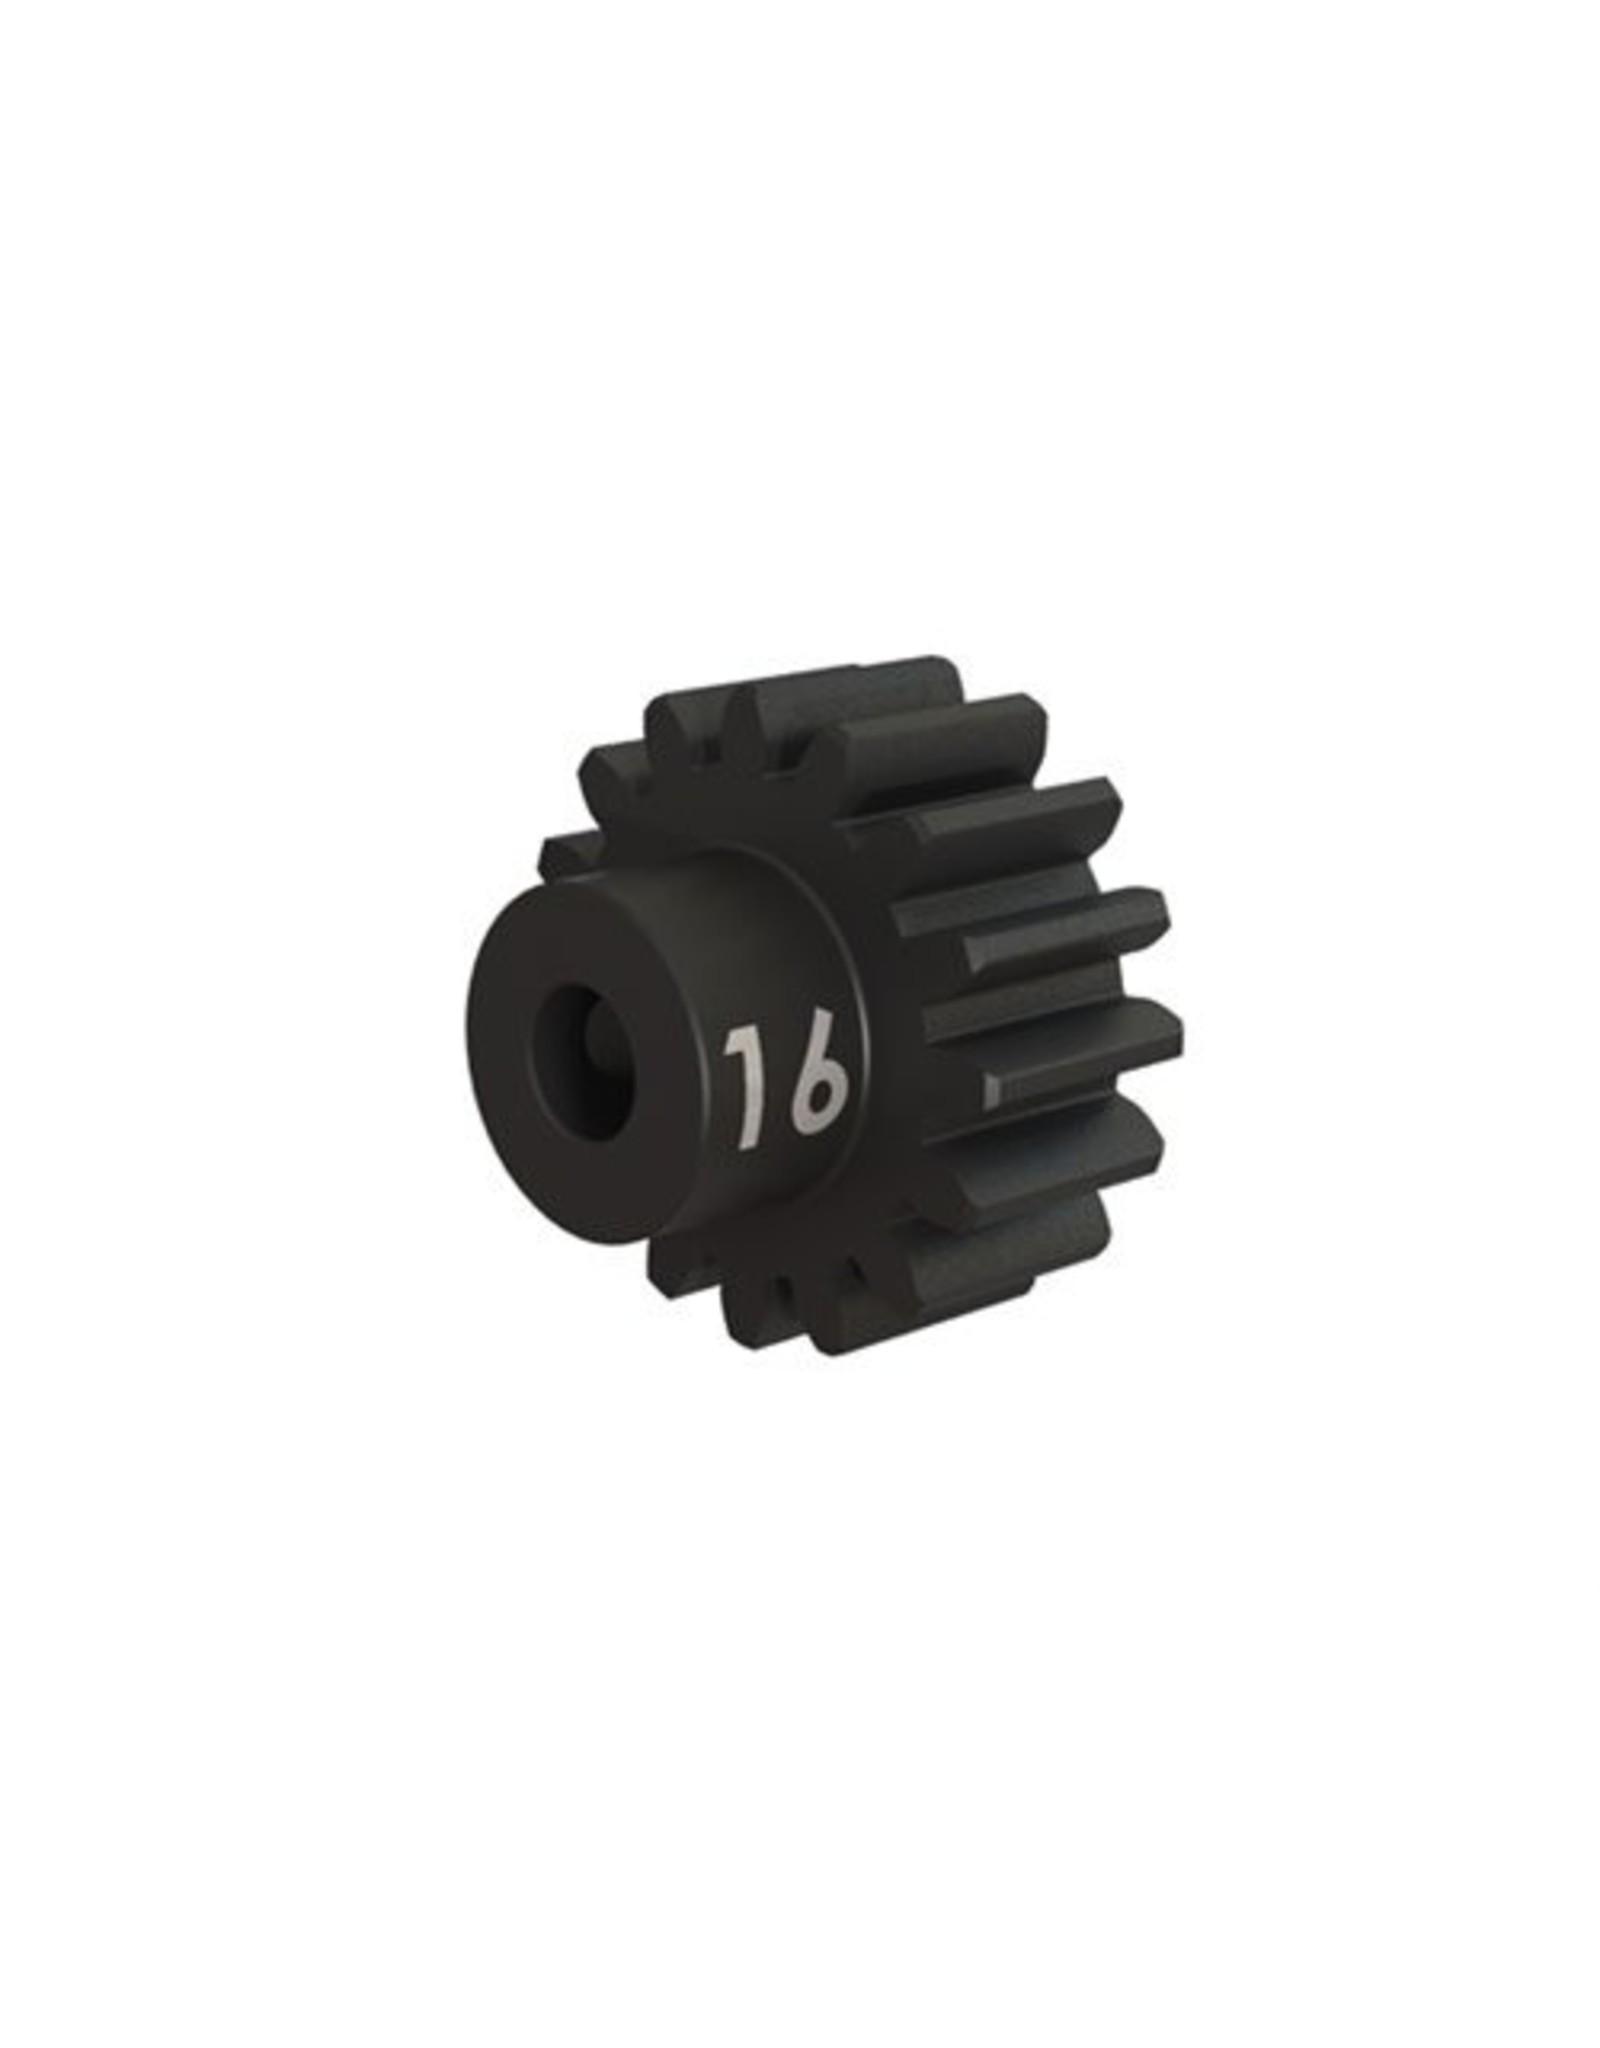 Traxxas Gear, 16-T pinion (32-p), heavy duty ( hardened steel)/ set screw TRA3946X